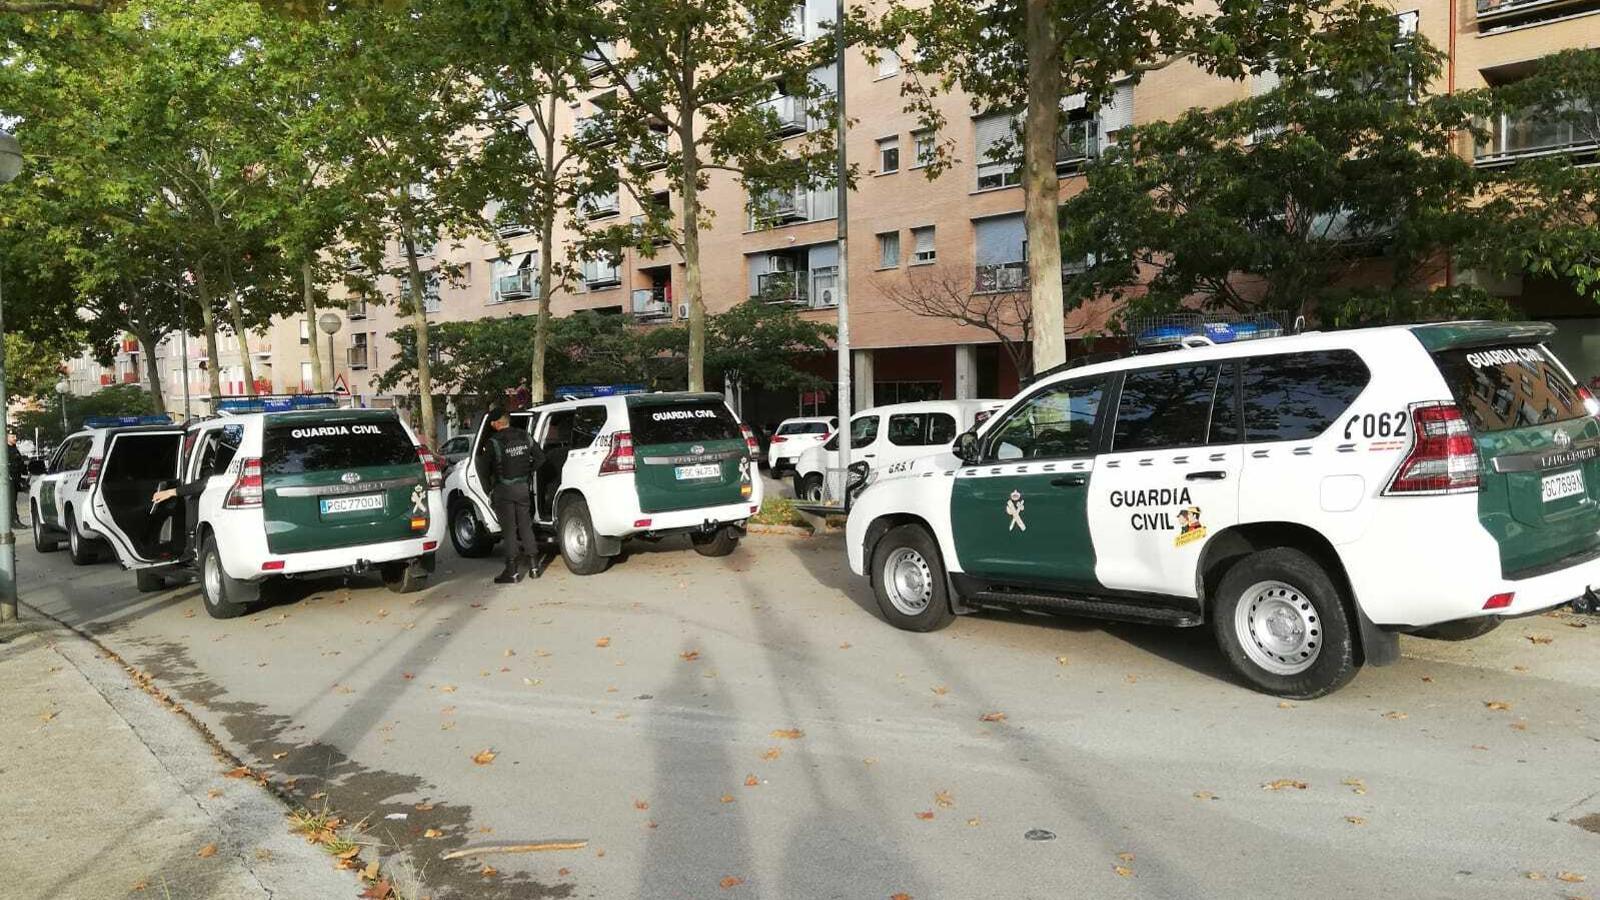 Operatiu de la Guàrdia Civil a Catalunya contra moviments independentistes